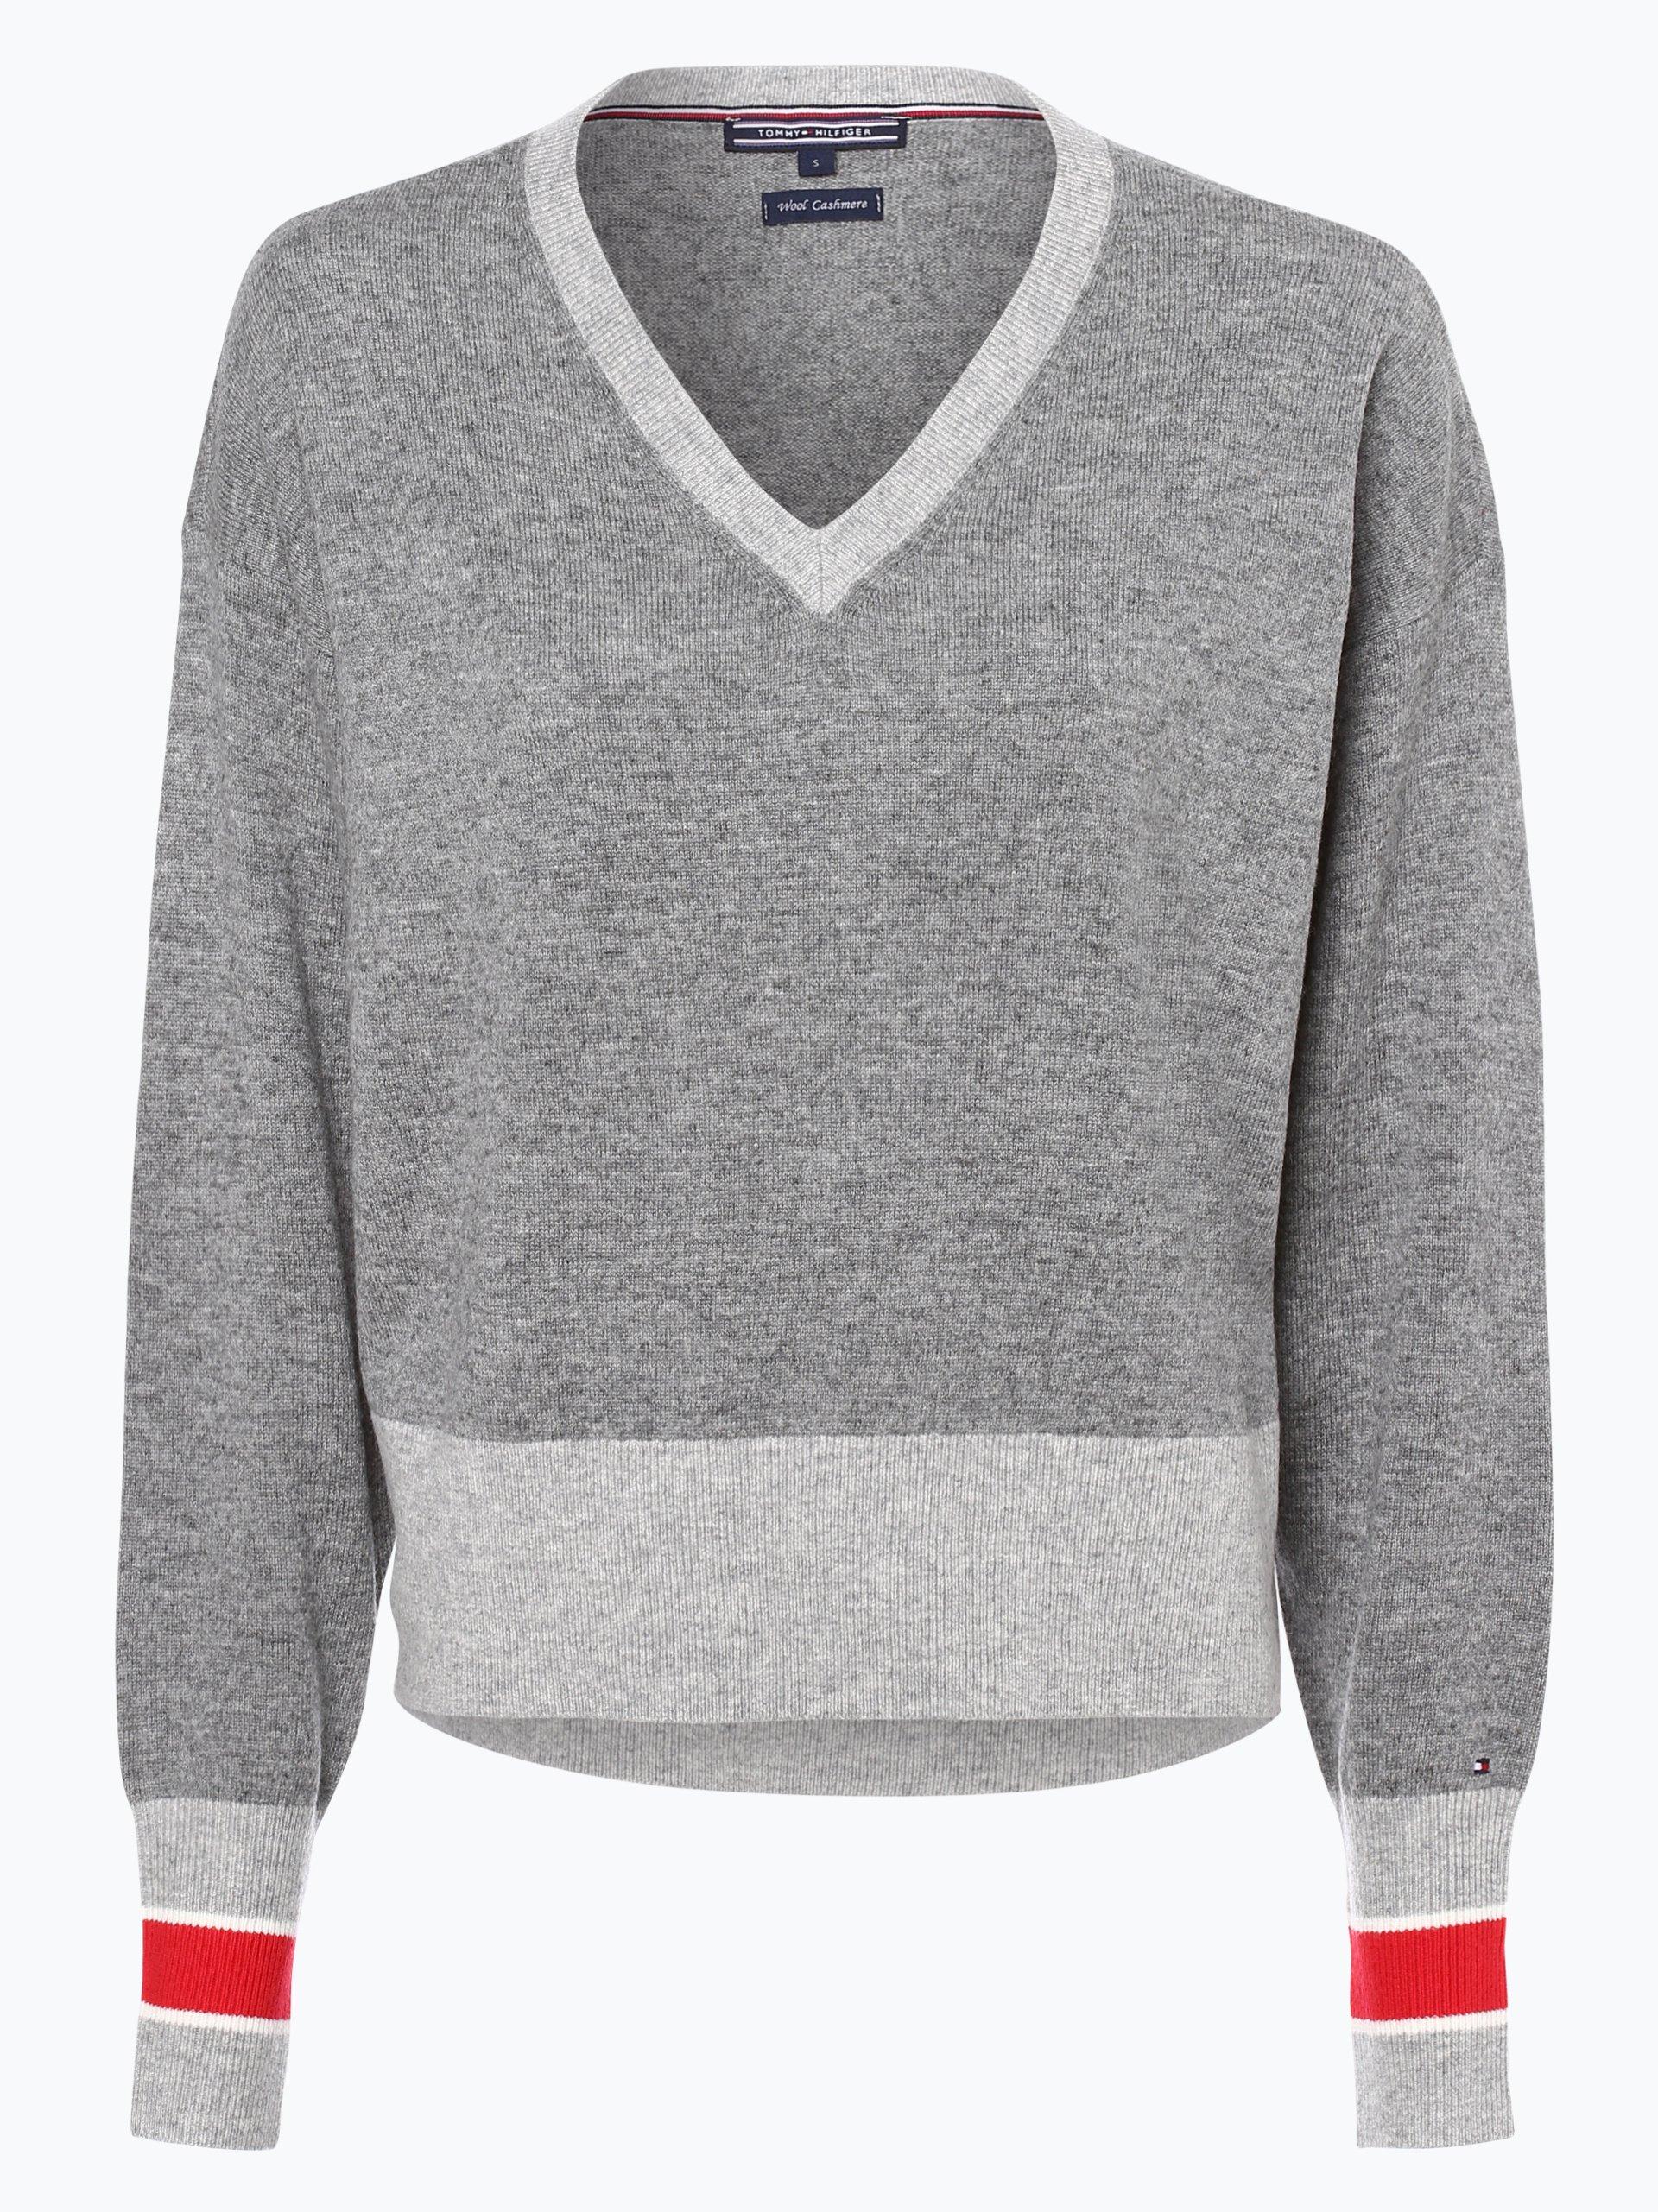 tommy hilfiger damen pullover mit cashmere anteil grau uni. Black Bedroom Furniture Sets. Home Design Ideas